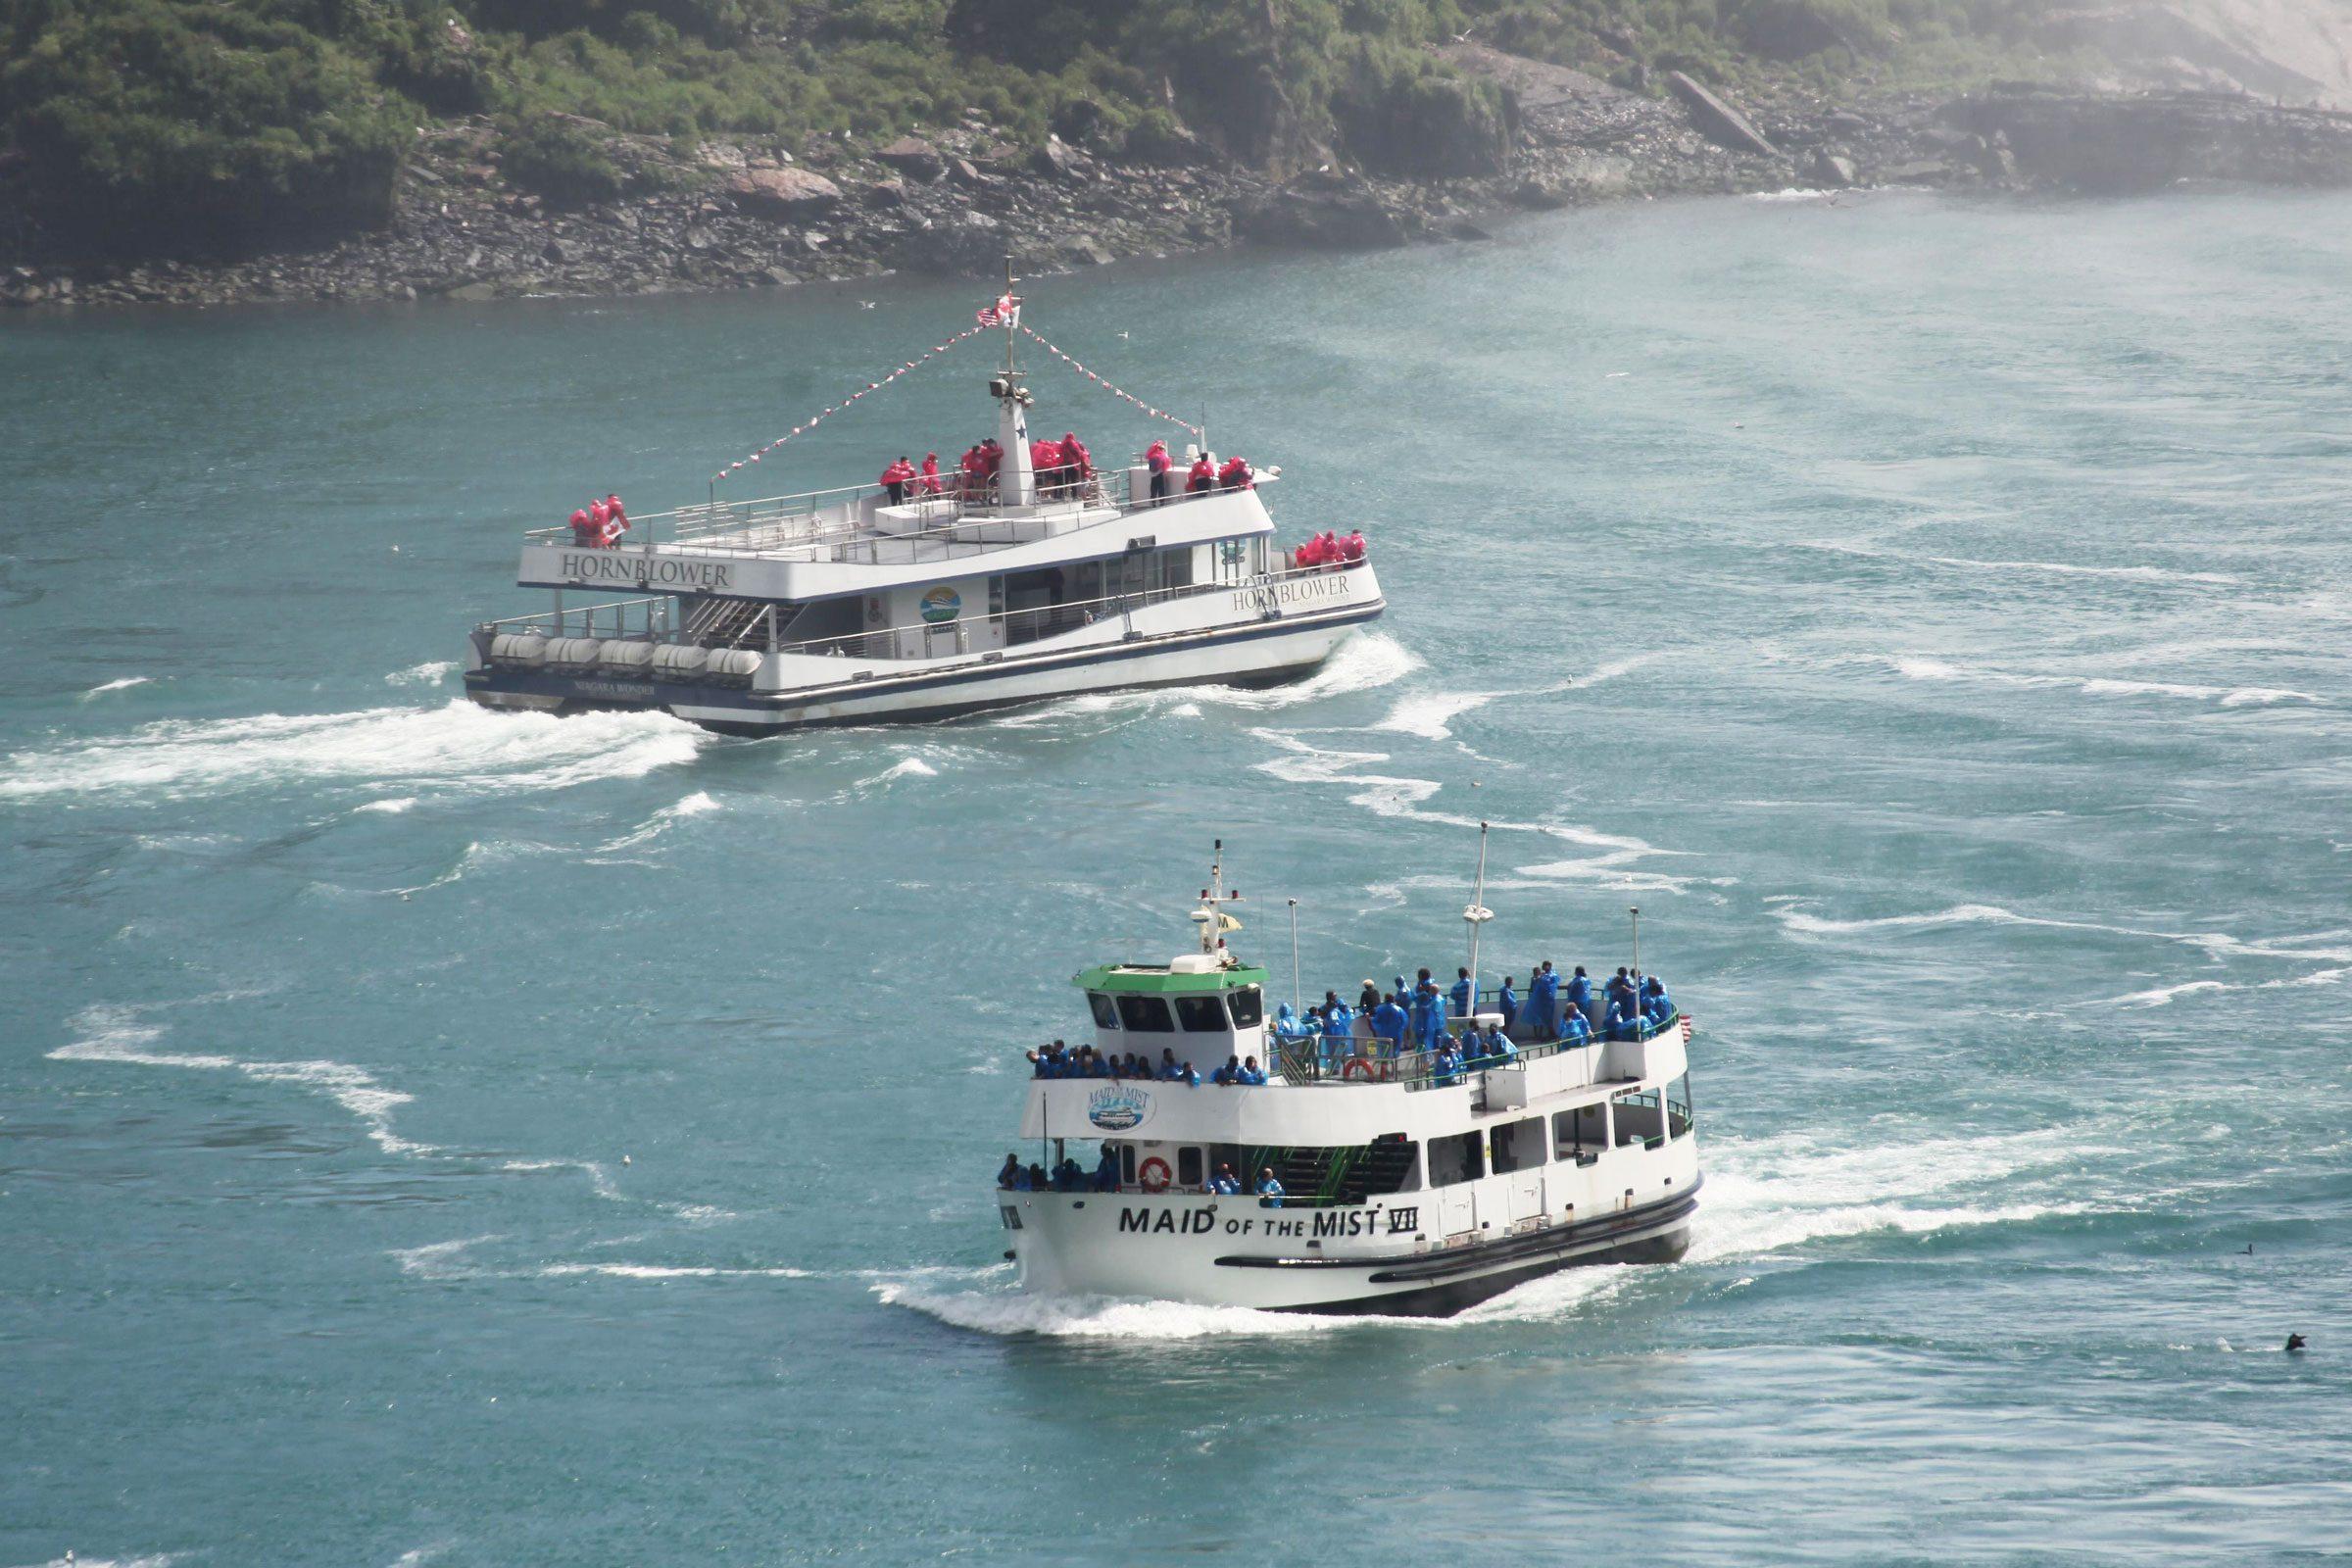 a US boat and a Canadian boat at Niagara Falls